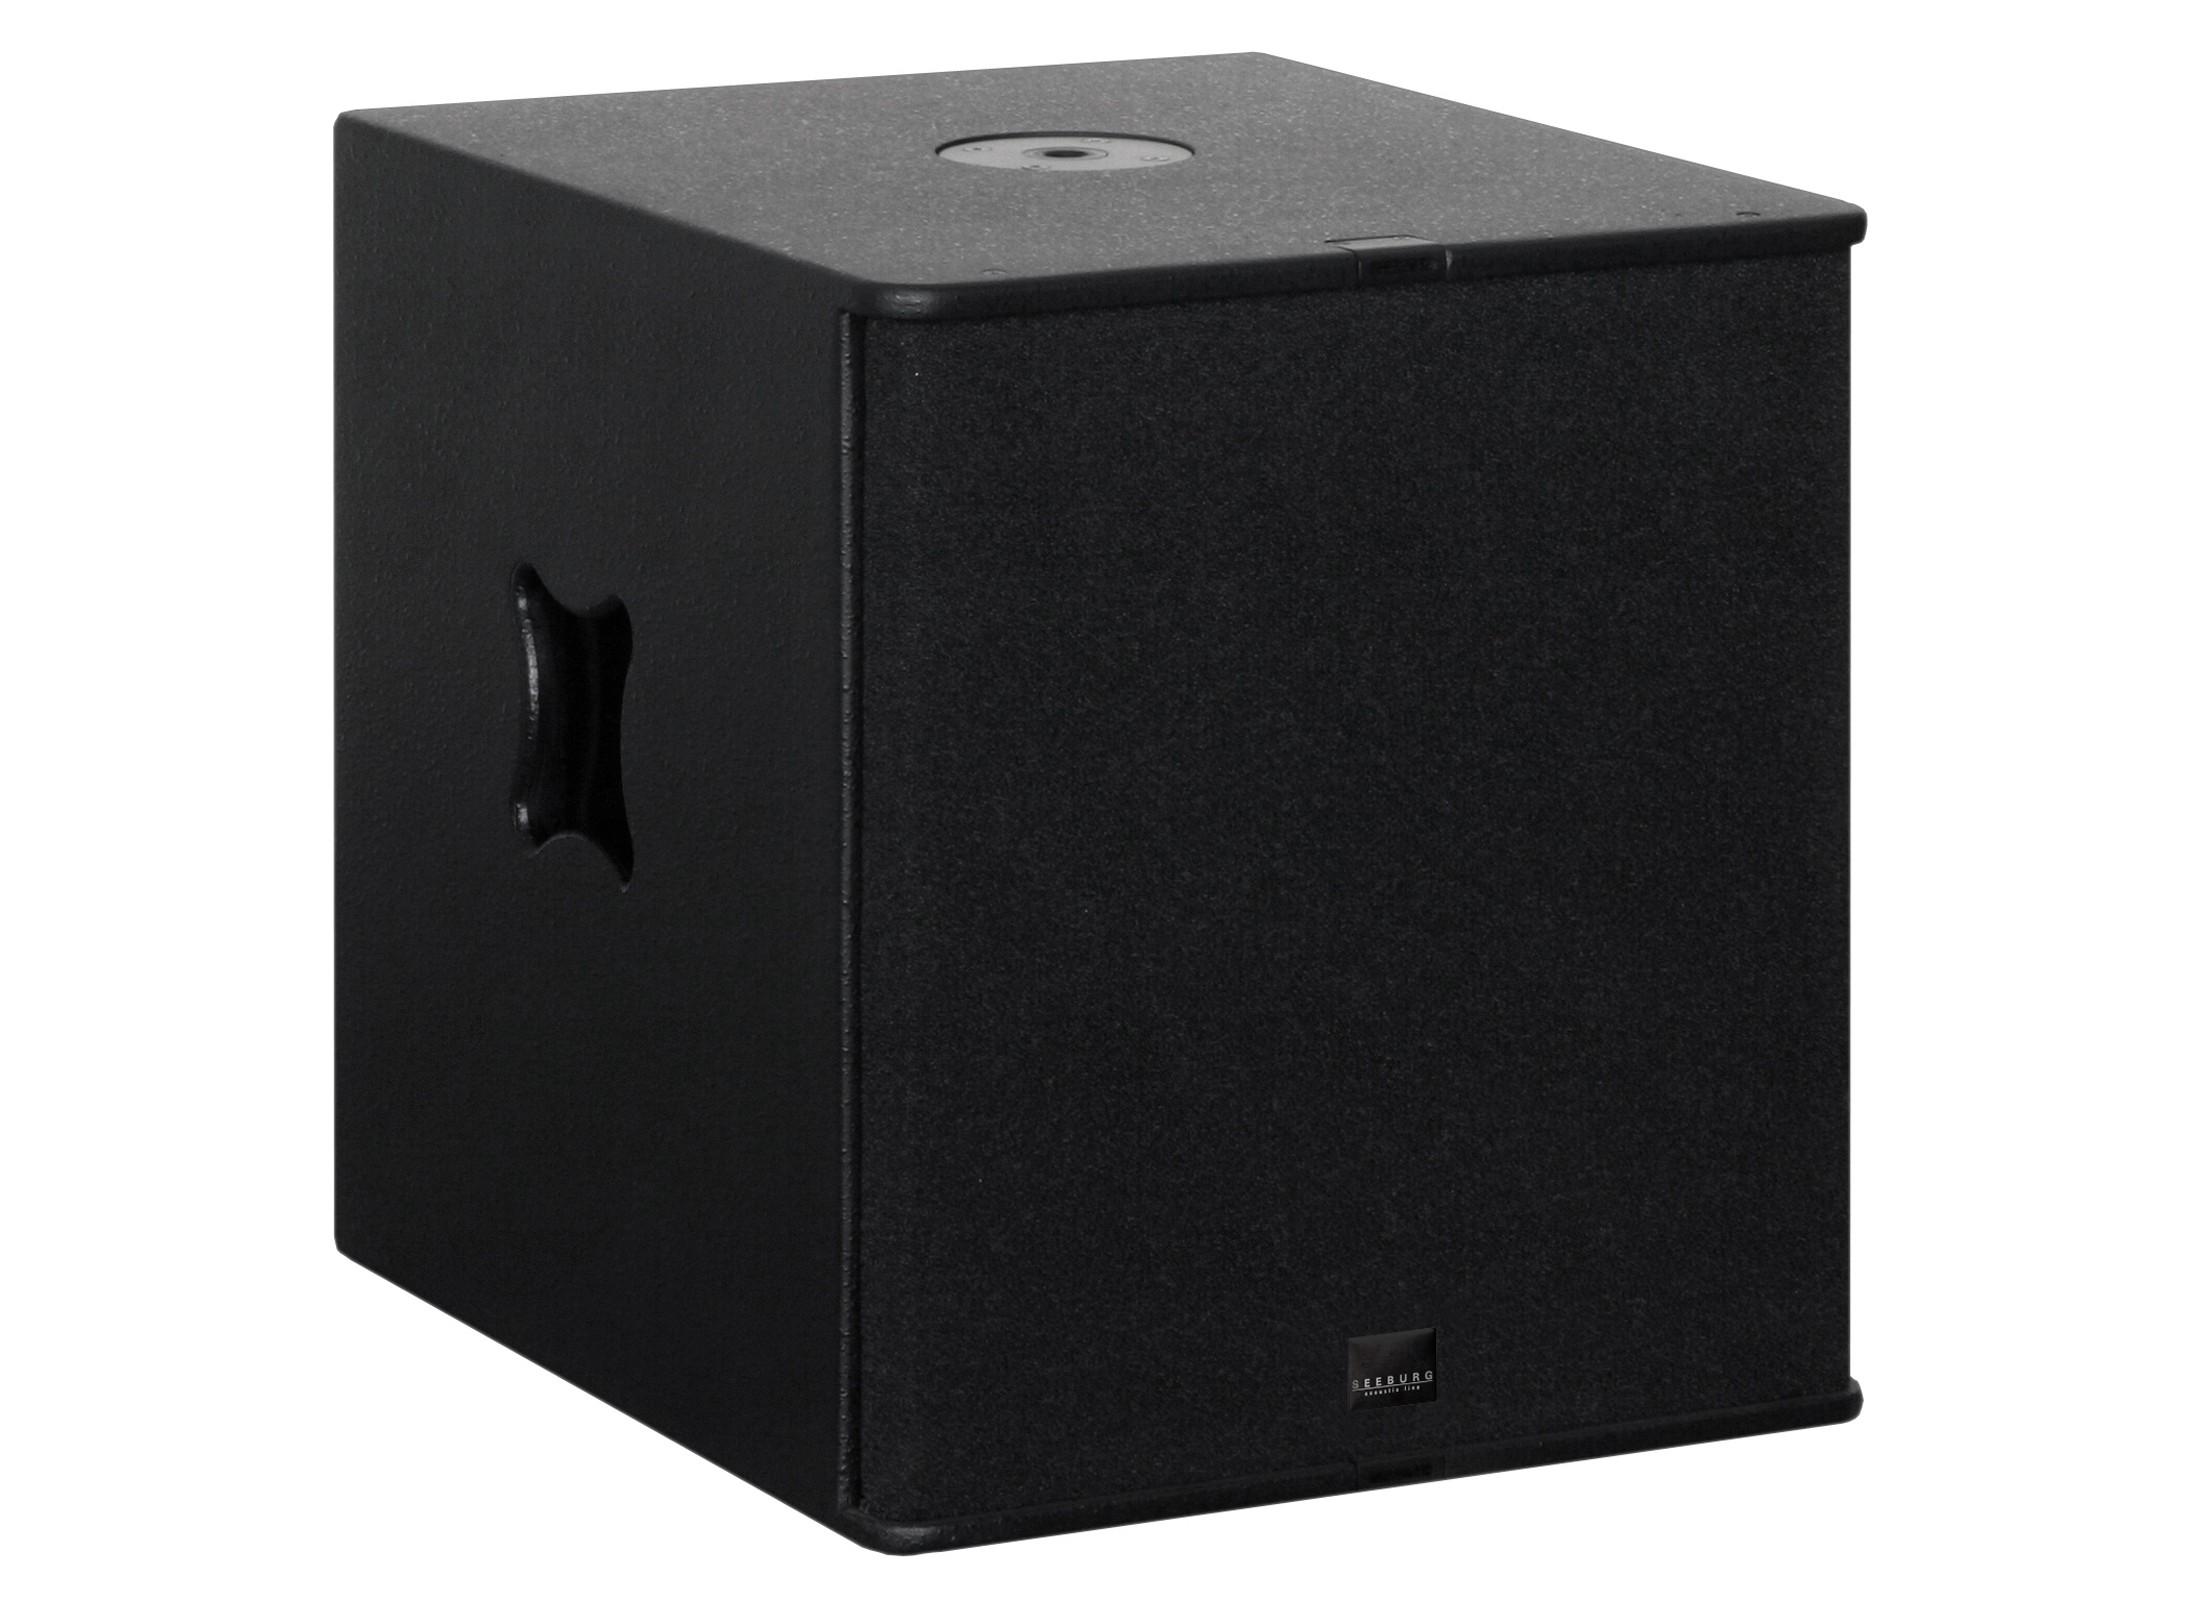 seeburg acoustic line tsm sub dp aktiv subwoofer g nstig. Black Bedroom Furniture Sets. Home Design Ideas